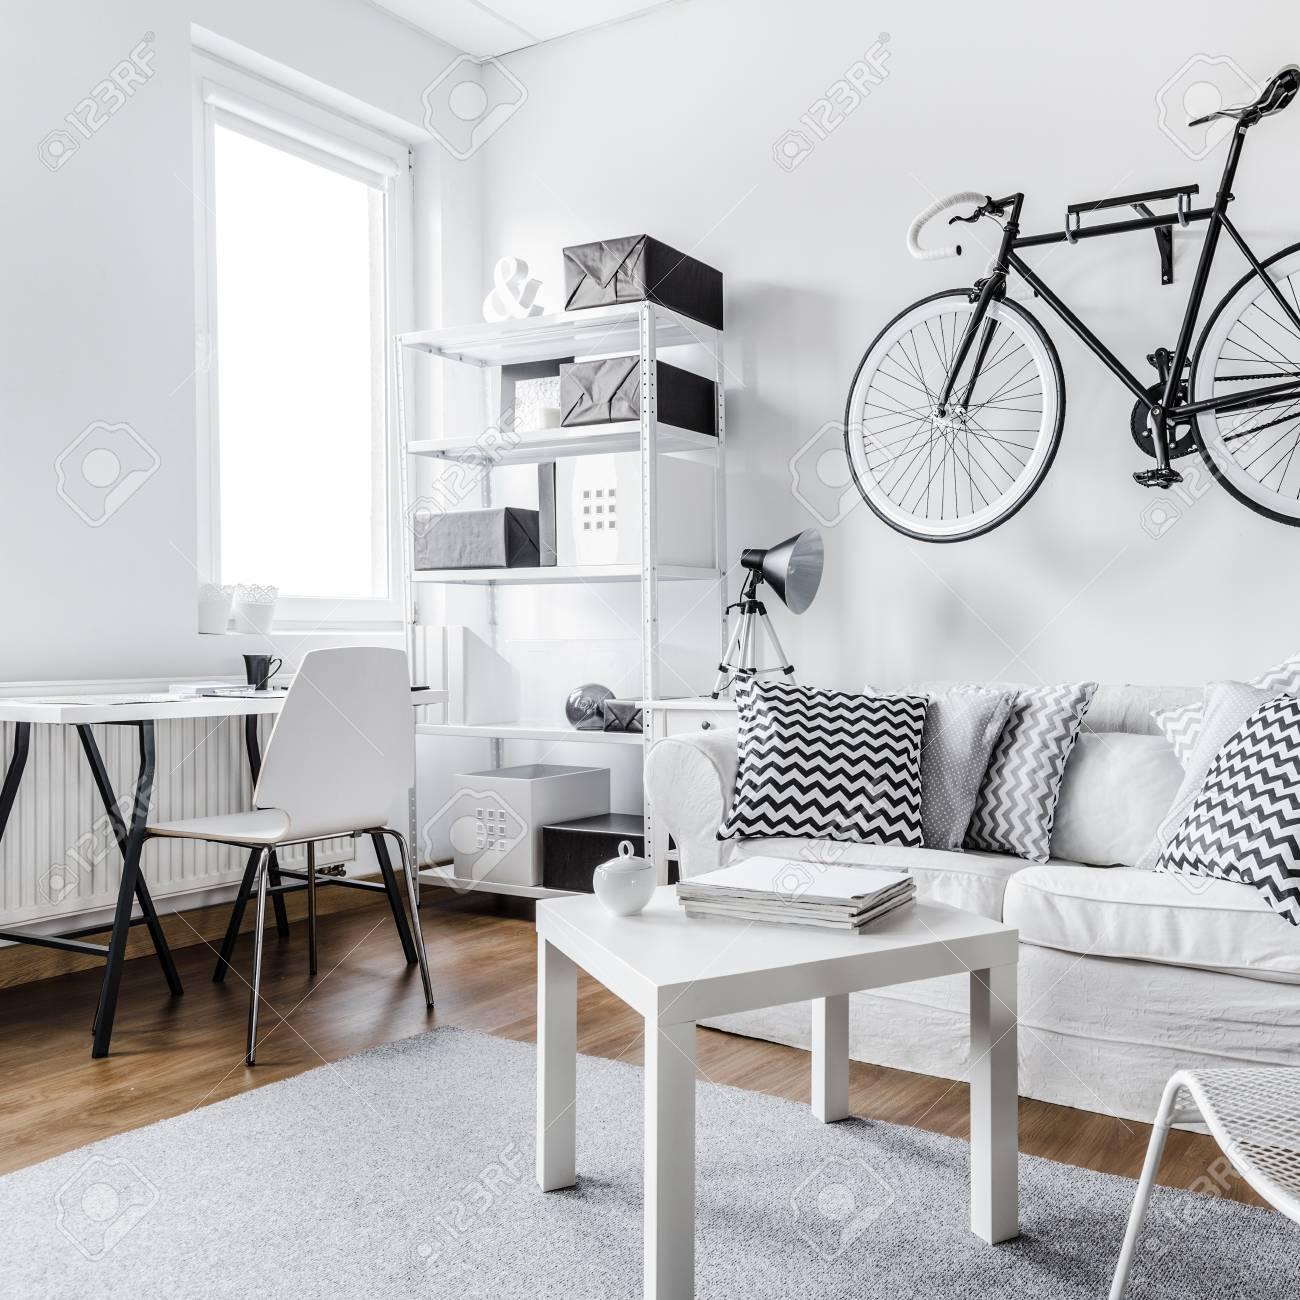 Bequeme Schwarz Weiß Interieur Design Wohnung Lizenzfreie Fotos